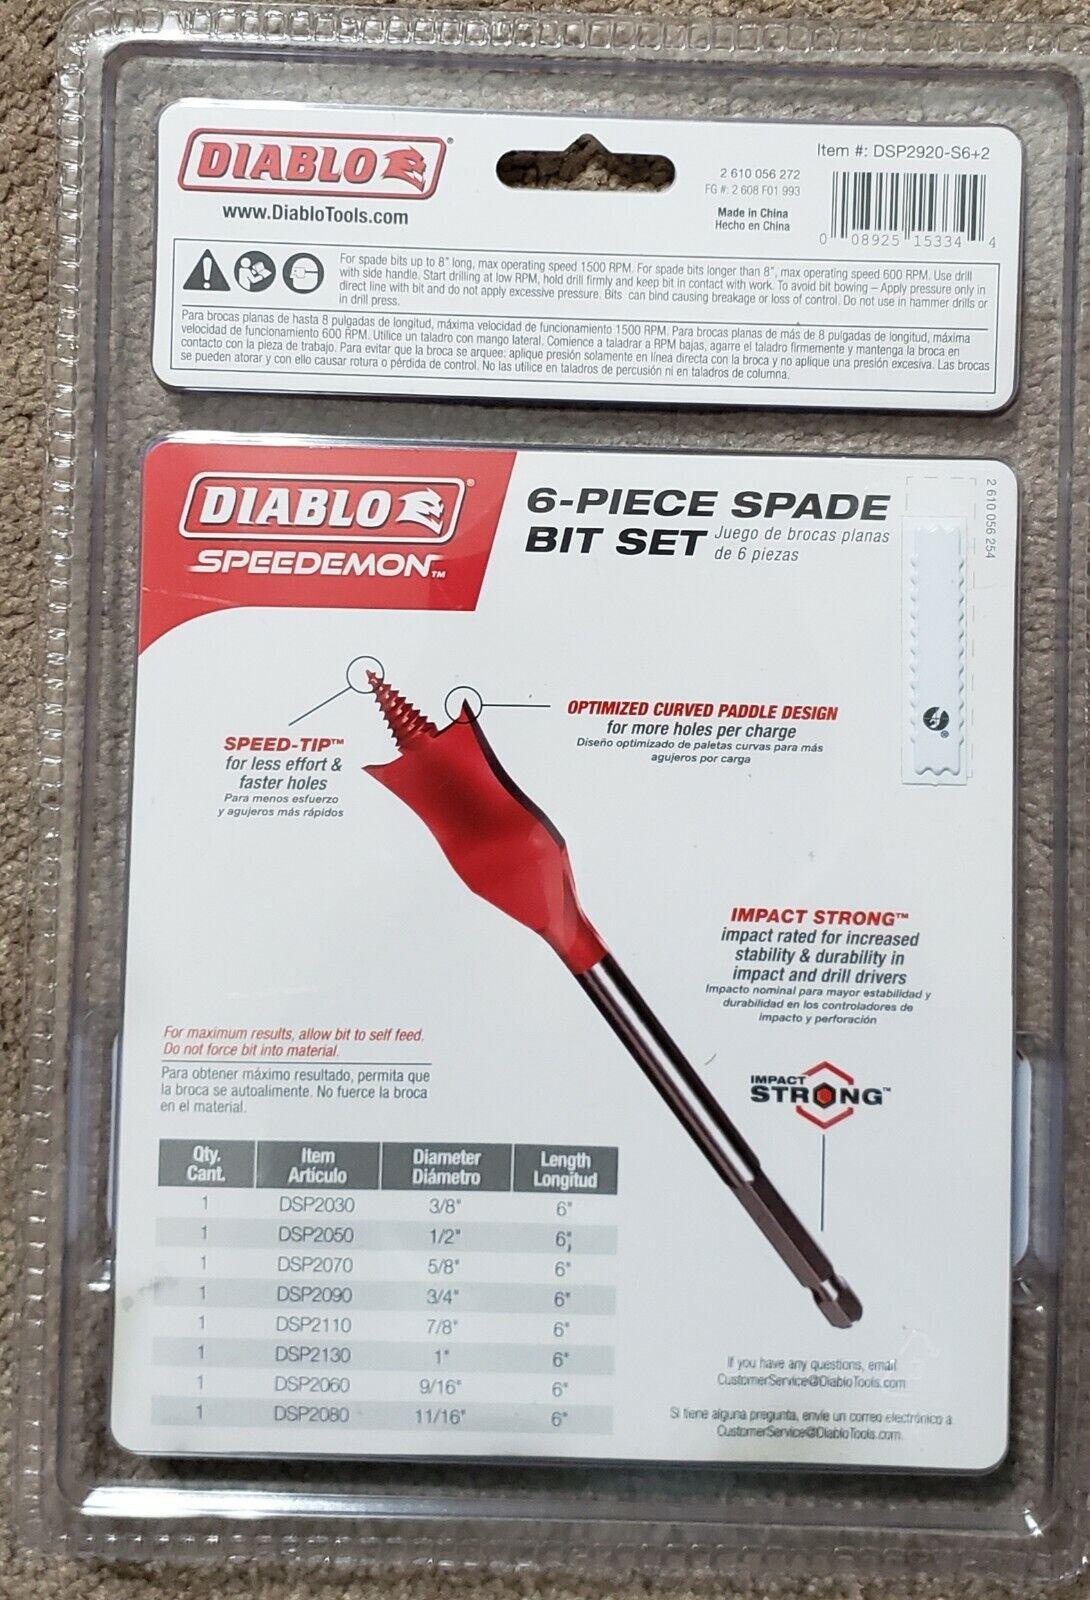 SPEEDemon Spade Bit x 16 in Diablo DSP3060 1 in